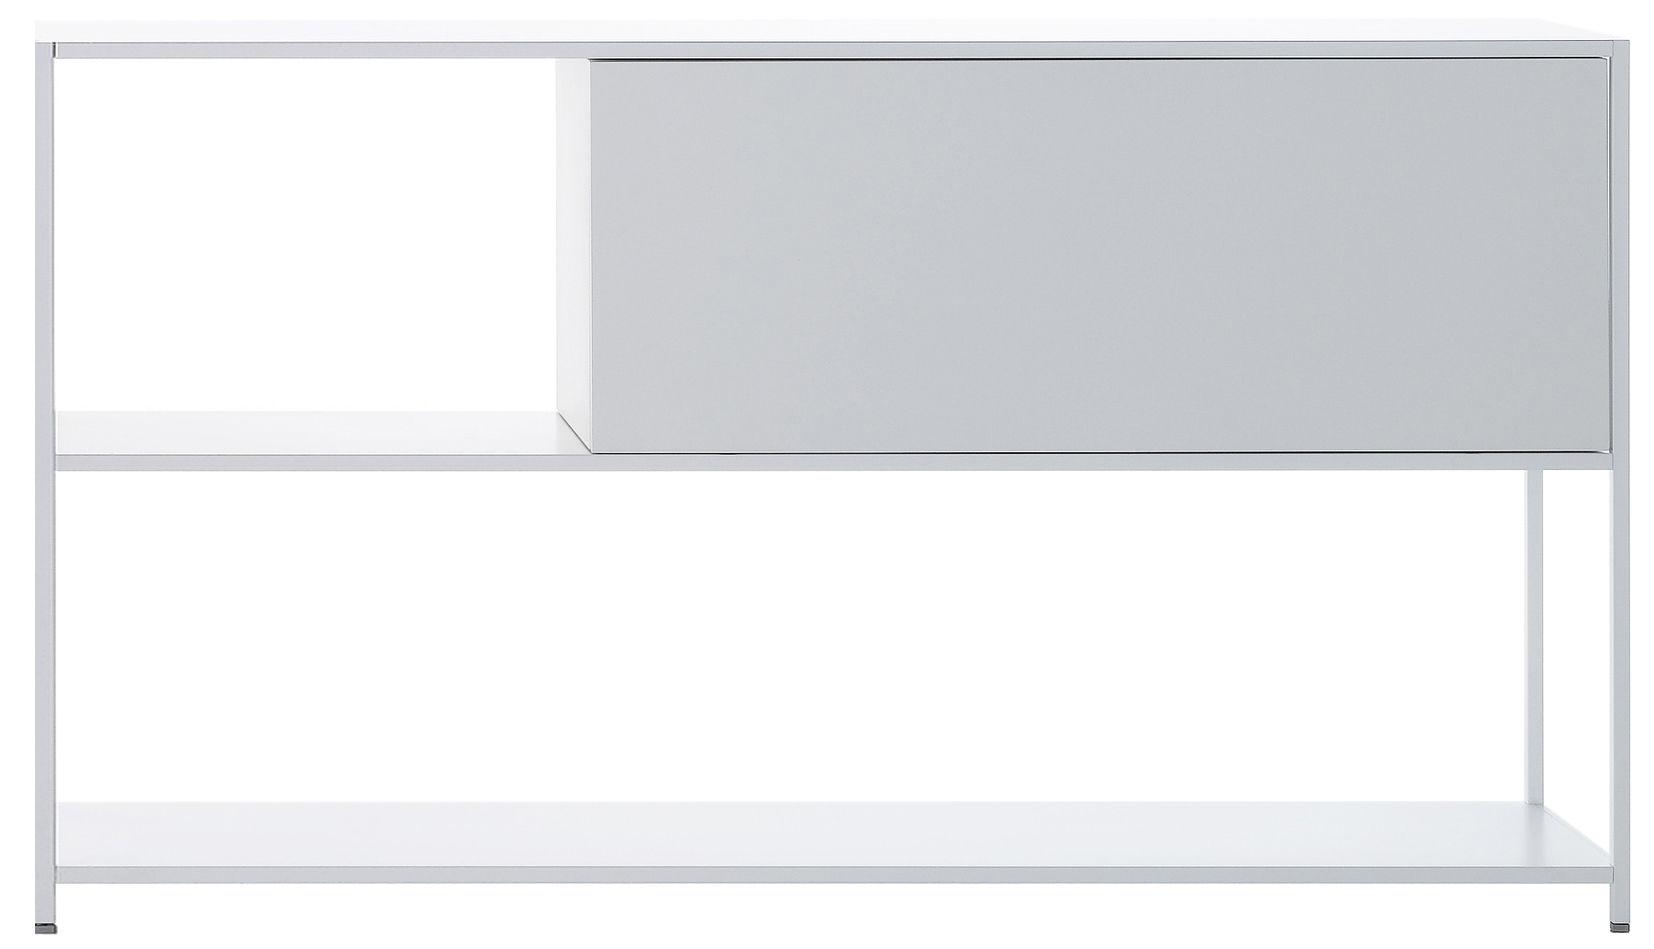 Möbel - Regale und Bücherregale - Minima Kiste / mit Klapptür (nach oben) - L 60 cm - MDF Italia - Weiß / mit Klapptür (nach oben) - Fibre de bois